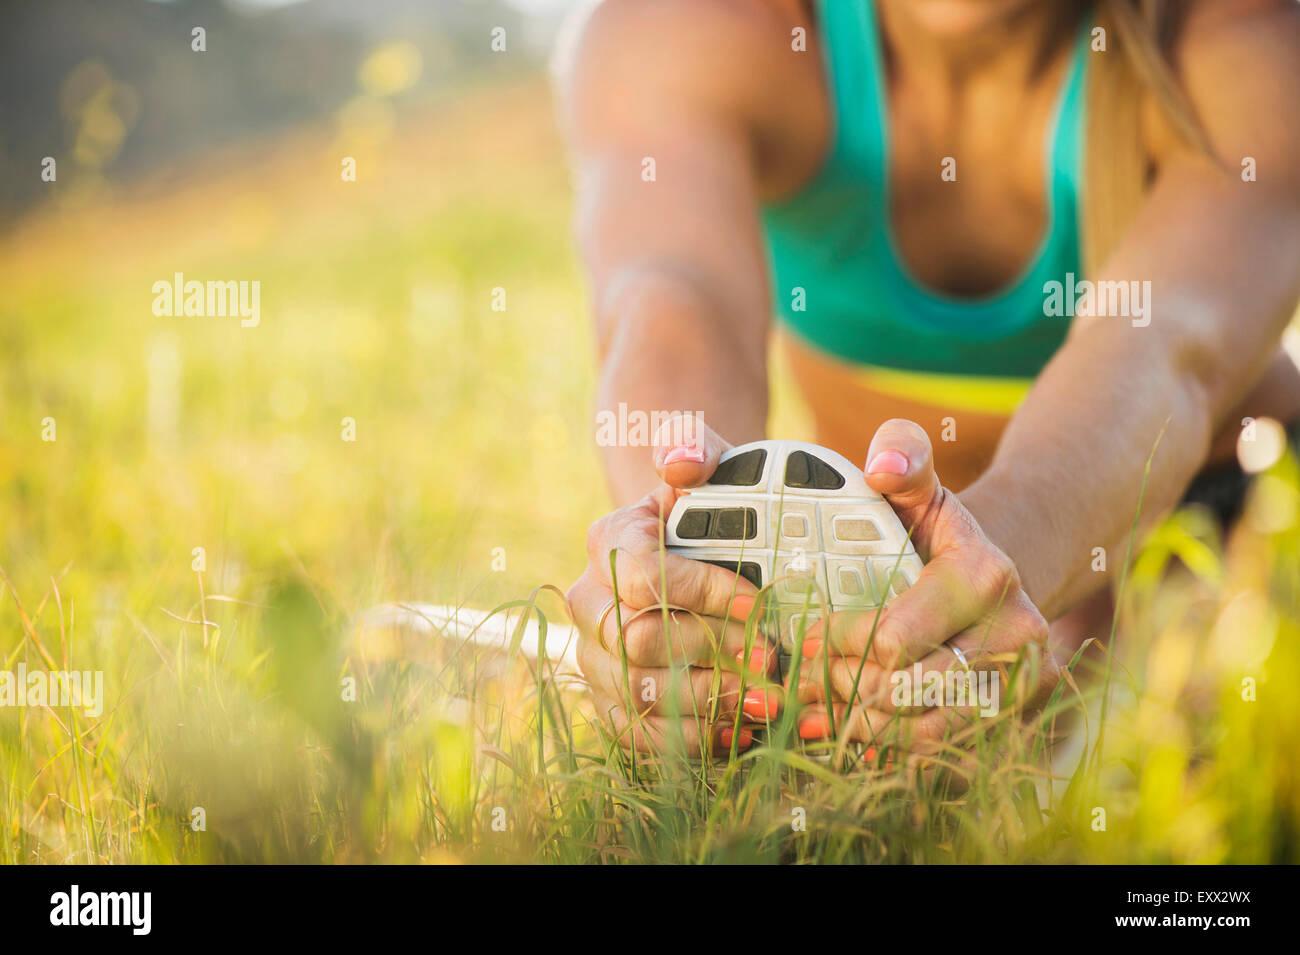 Woman in field Photo Stock